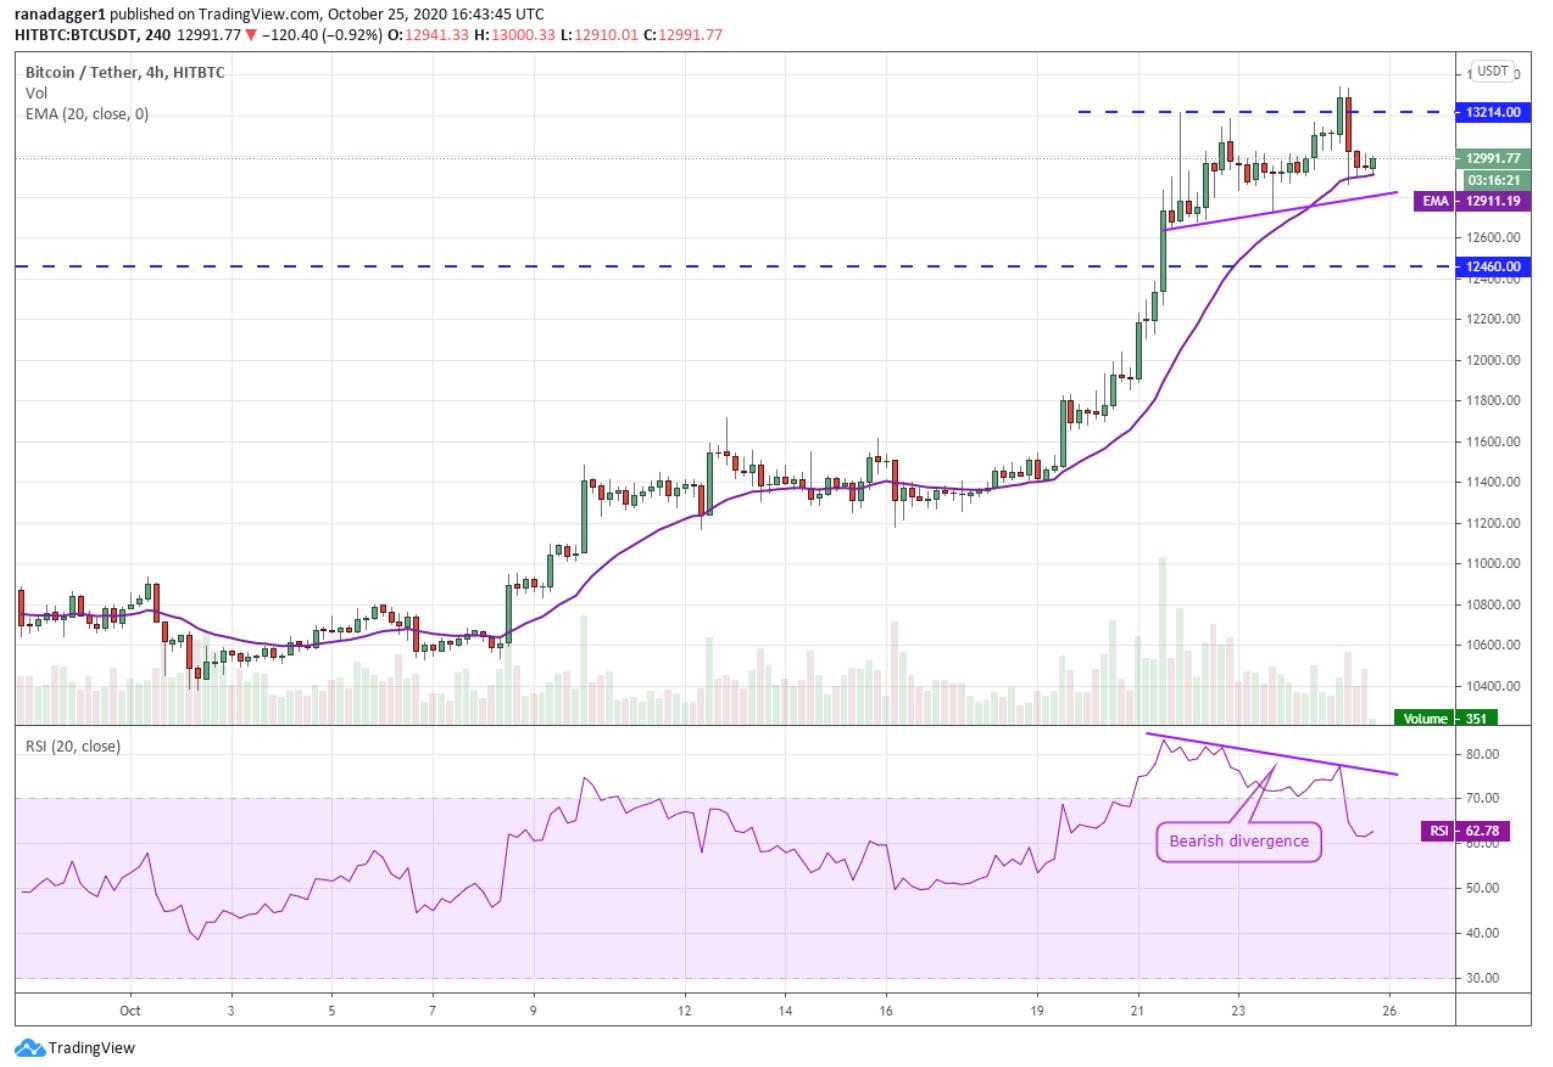 BTC Price forecast